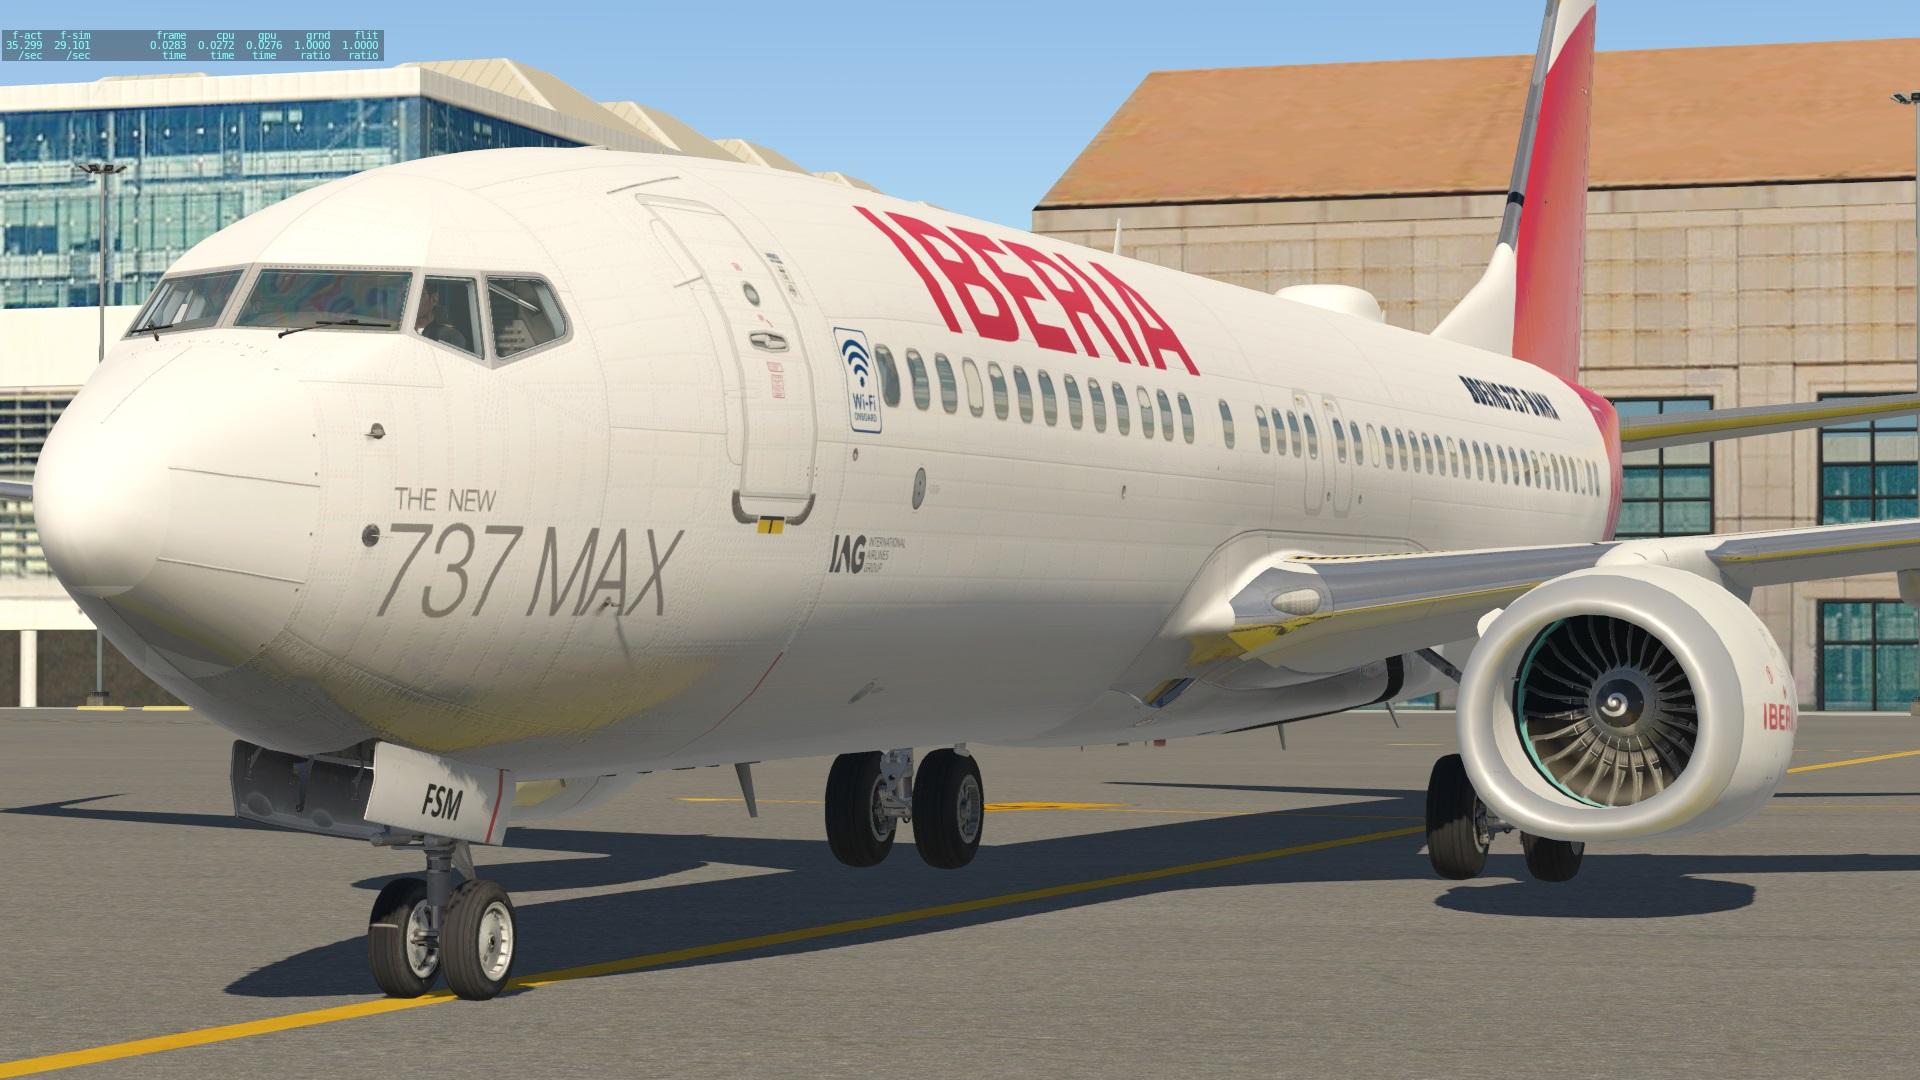 ZIBO IBERIA 737MAX - Aircraft Skins - Liveries - X-Plane Org Forum